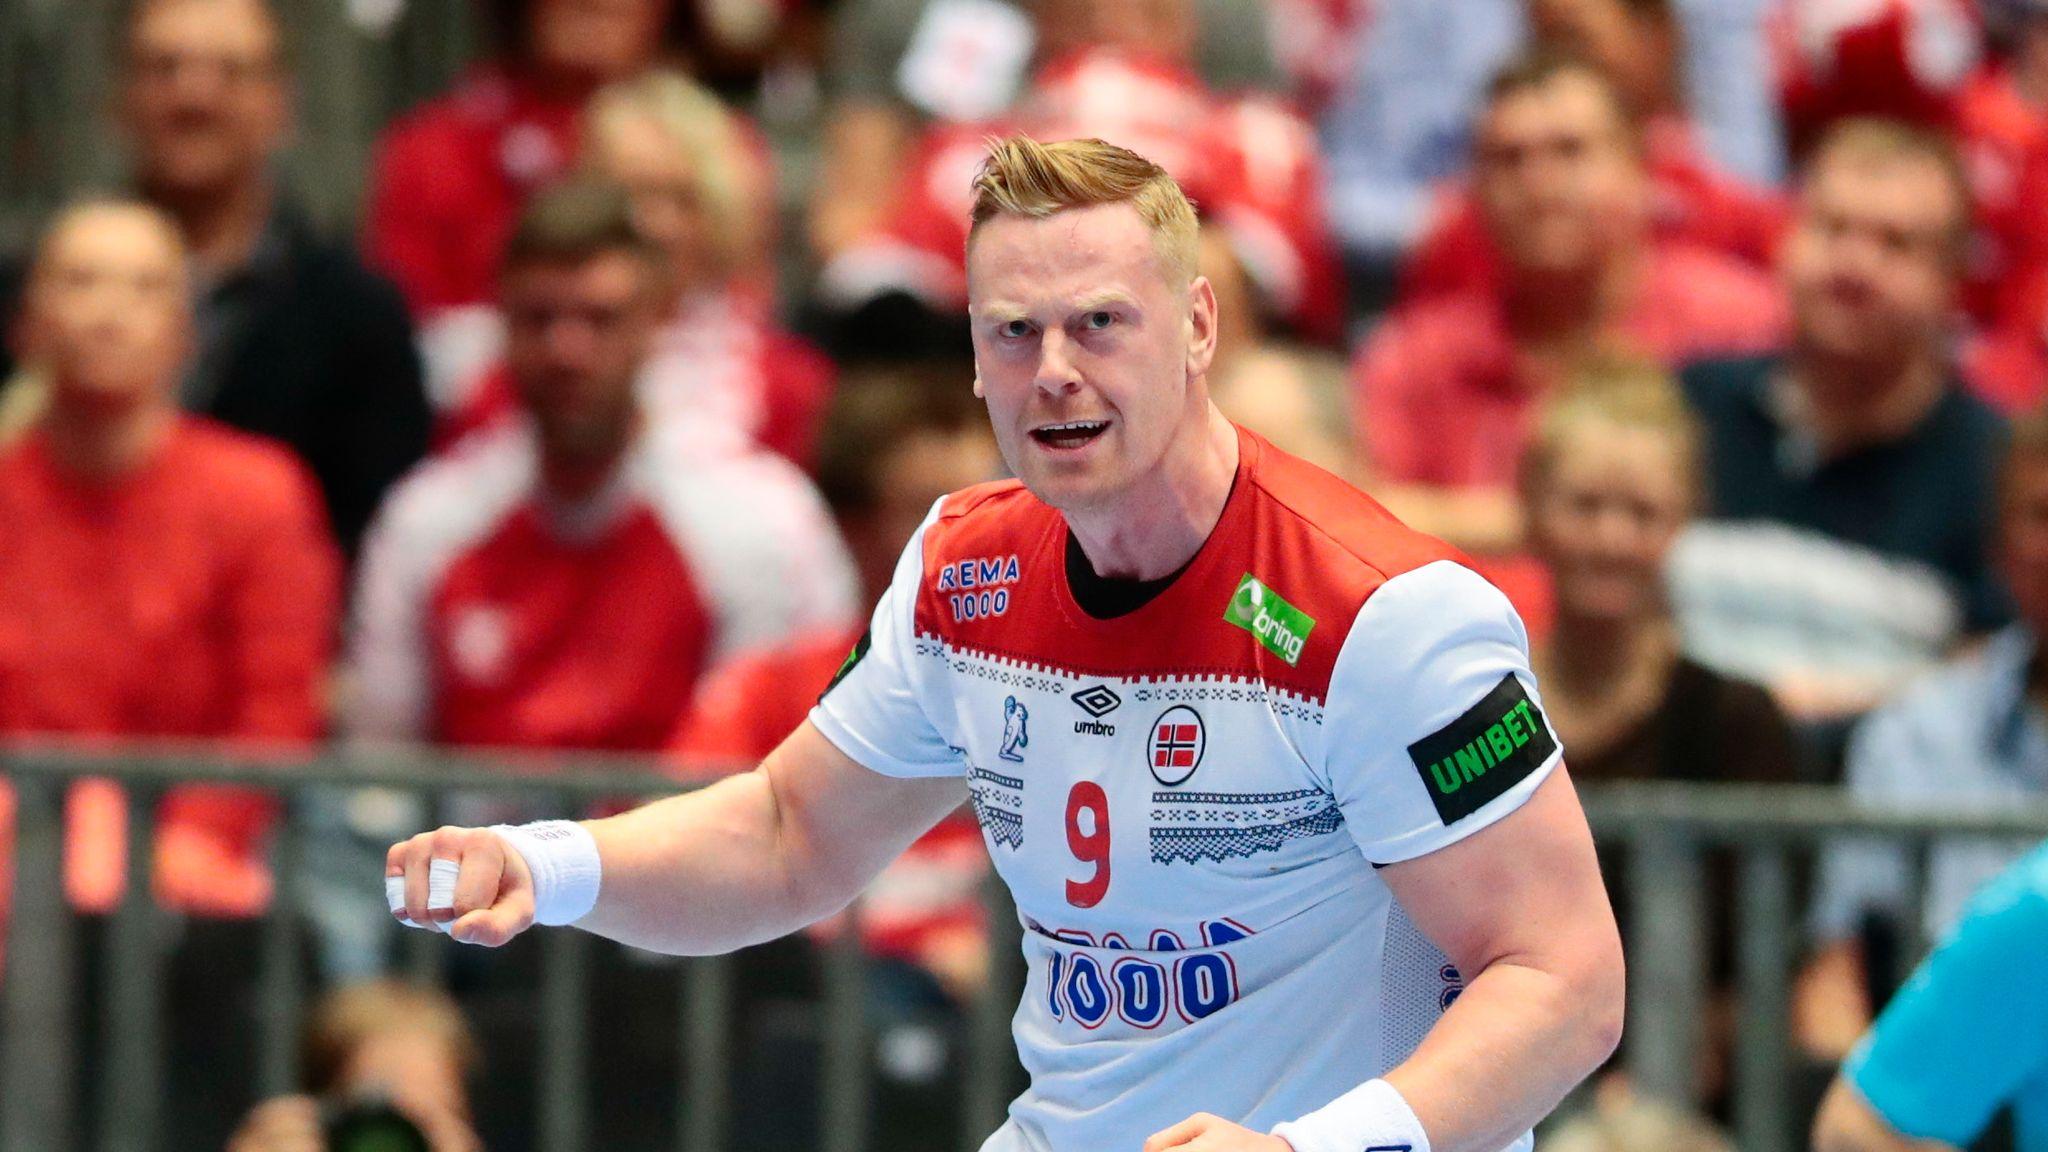 bbe0fc75 Norsk landslagsspiller ute med alvorlig kneskade - Stavanger Aftenblad